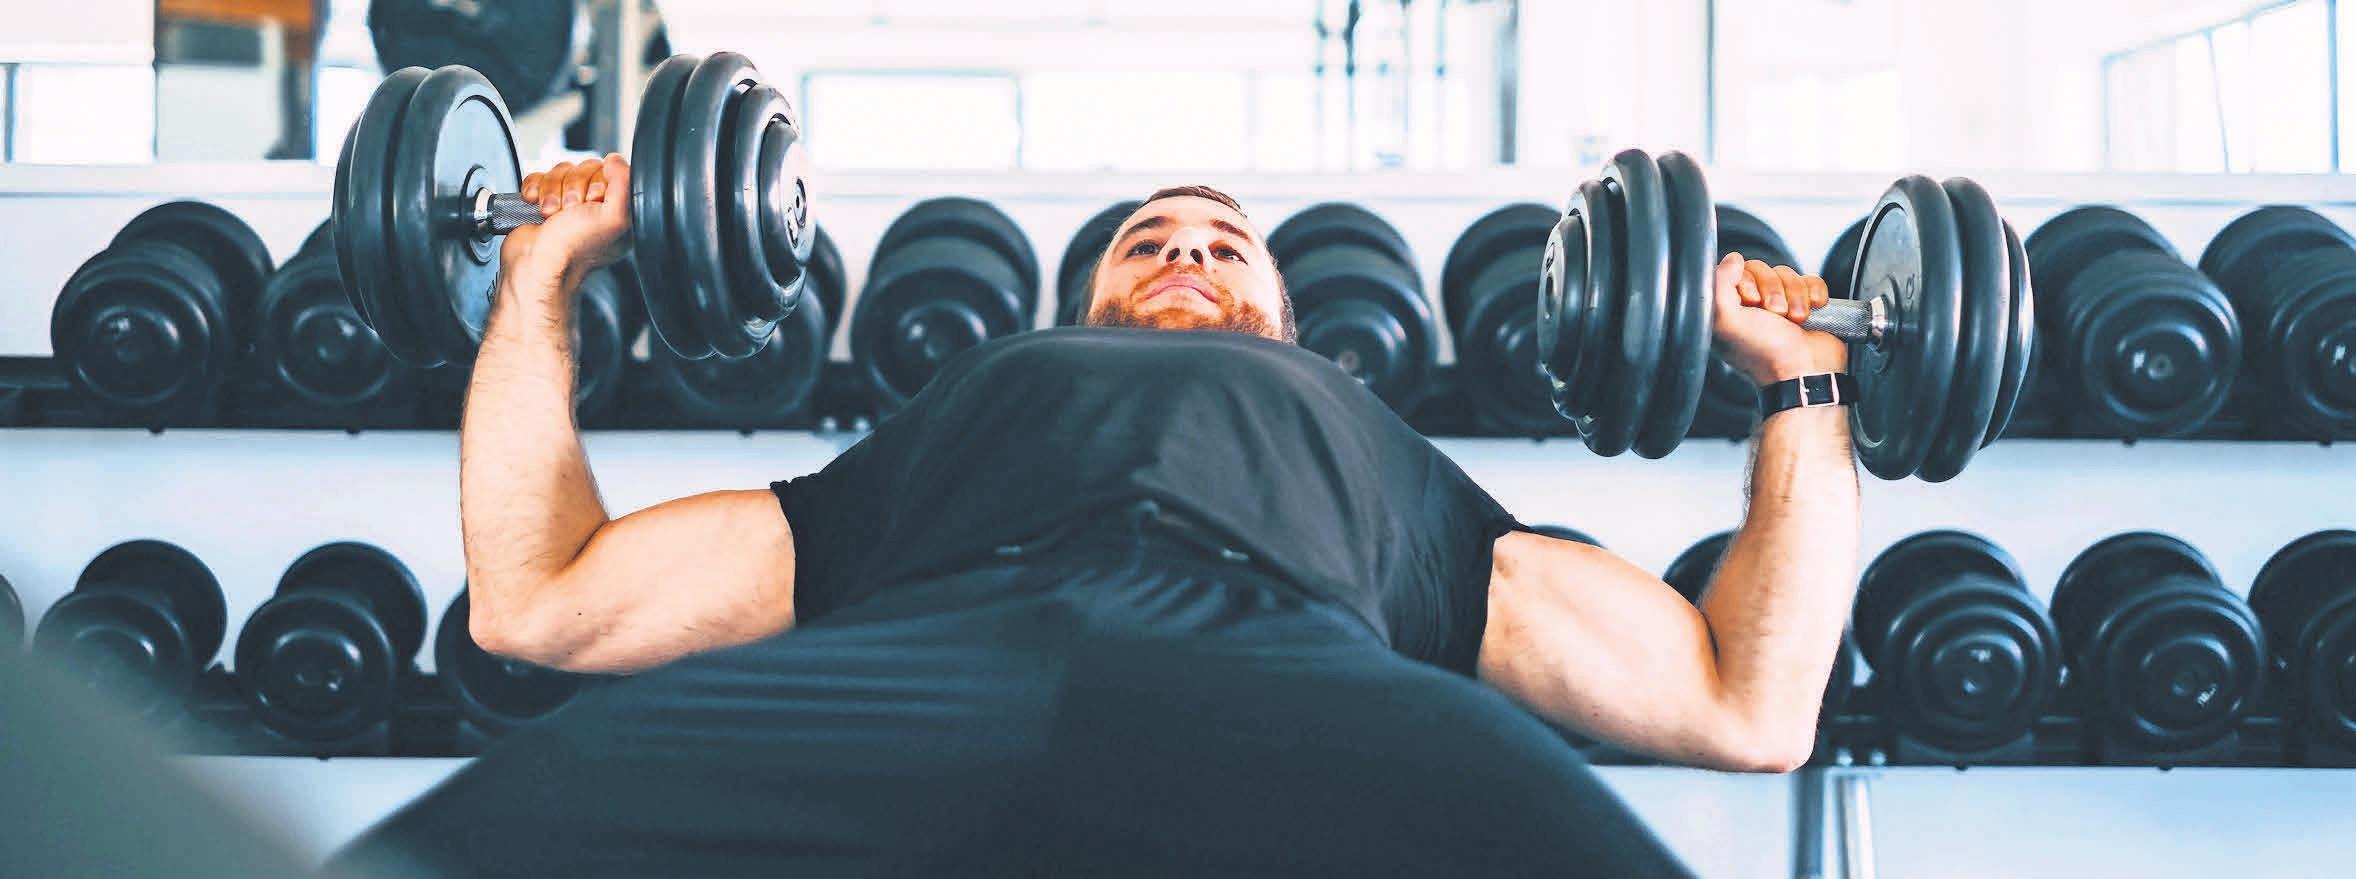 Immer in Action: Bei Tim macht Sport wird im modernen Gerätepark unter Anleitung von lizensierten Trainern trainiert.